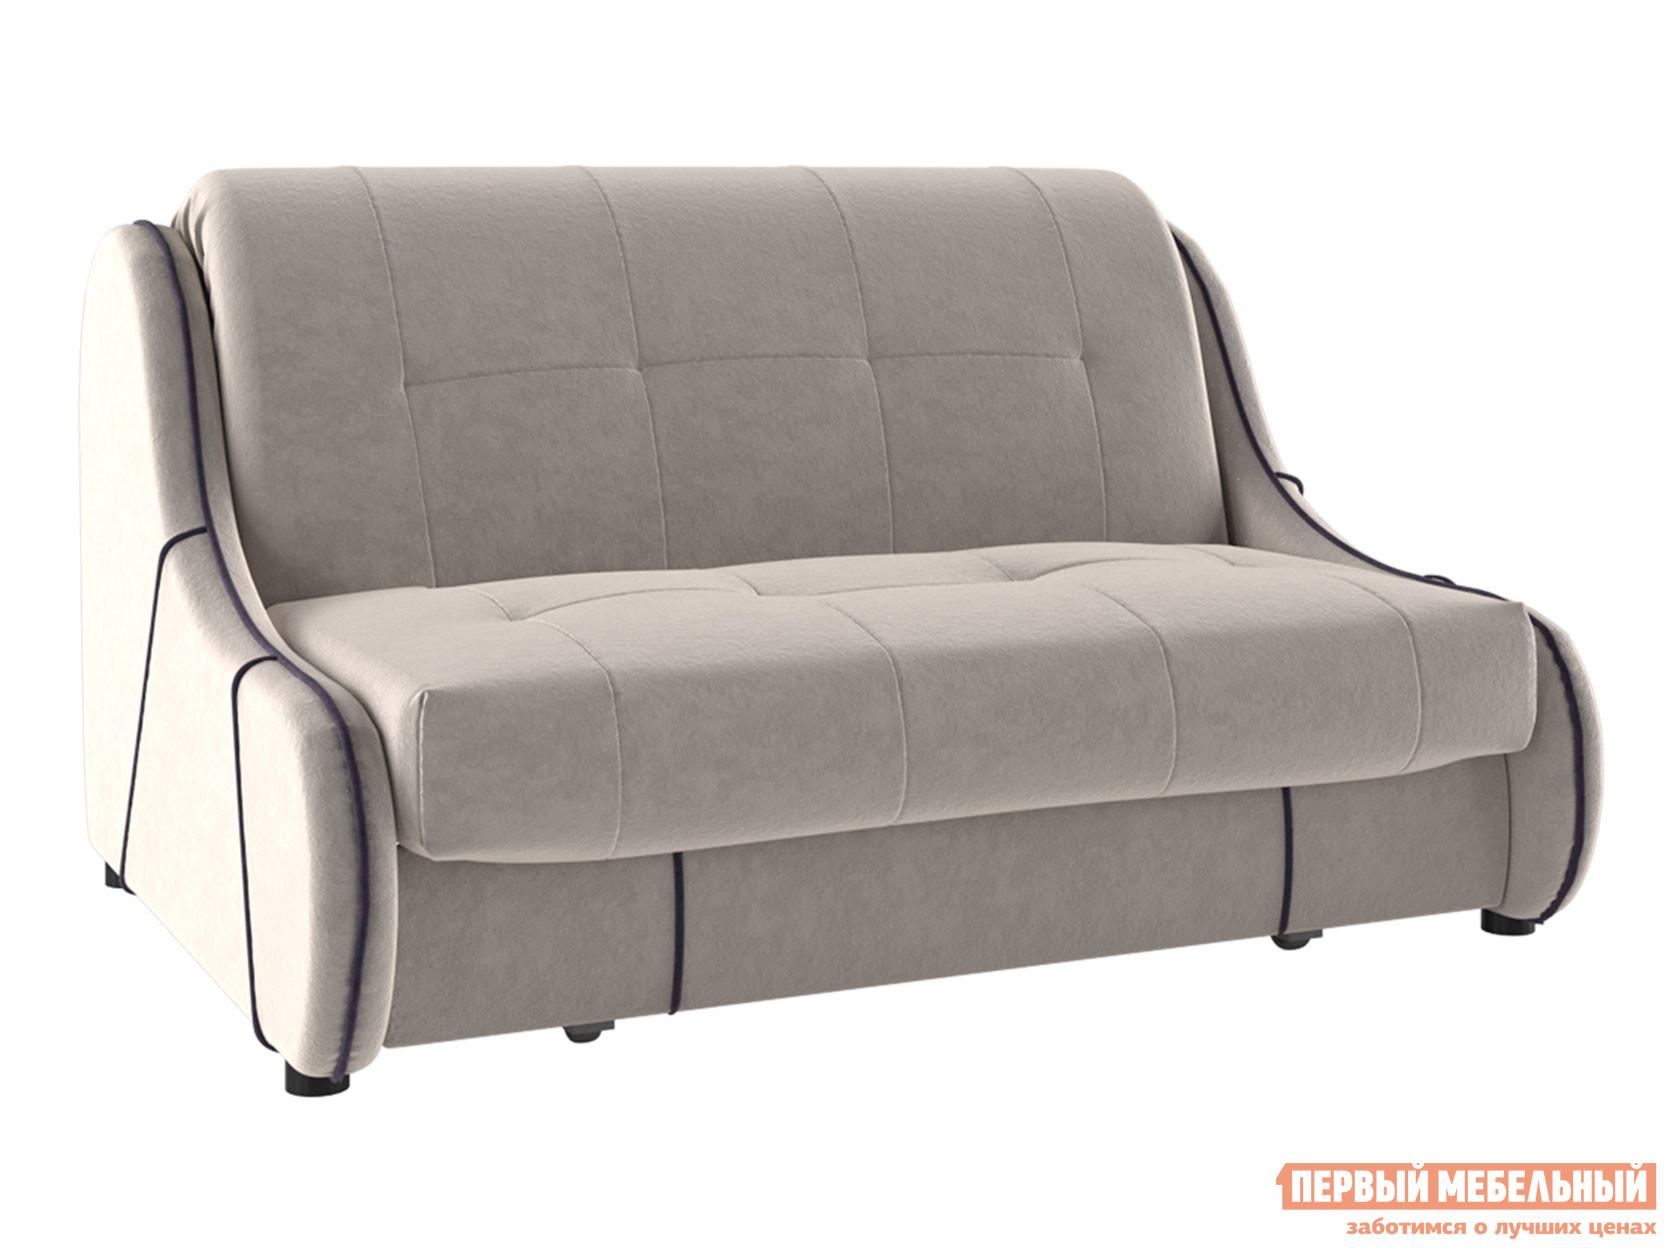 Прямой диван Диван Кельвин Люкс Пепельно-розовый, флок, 160х200 см фото